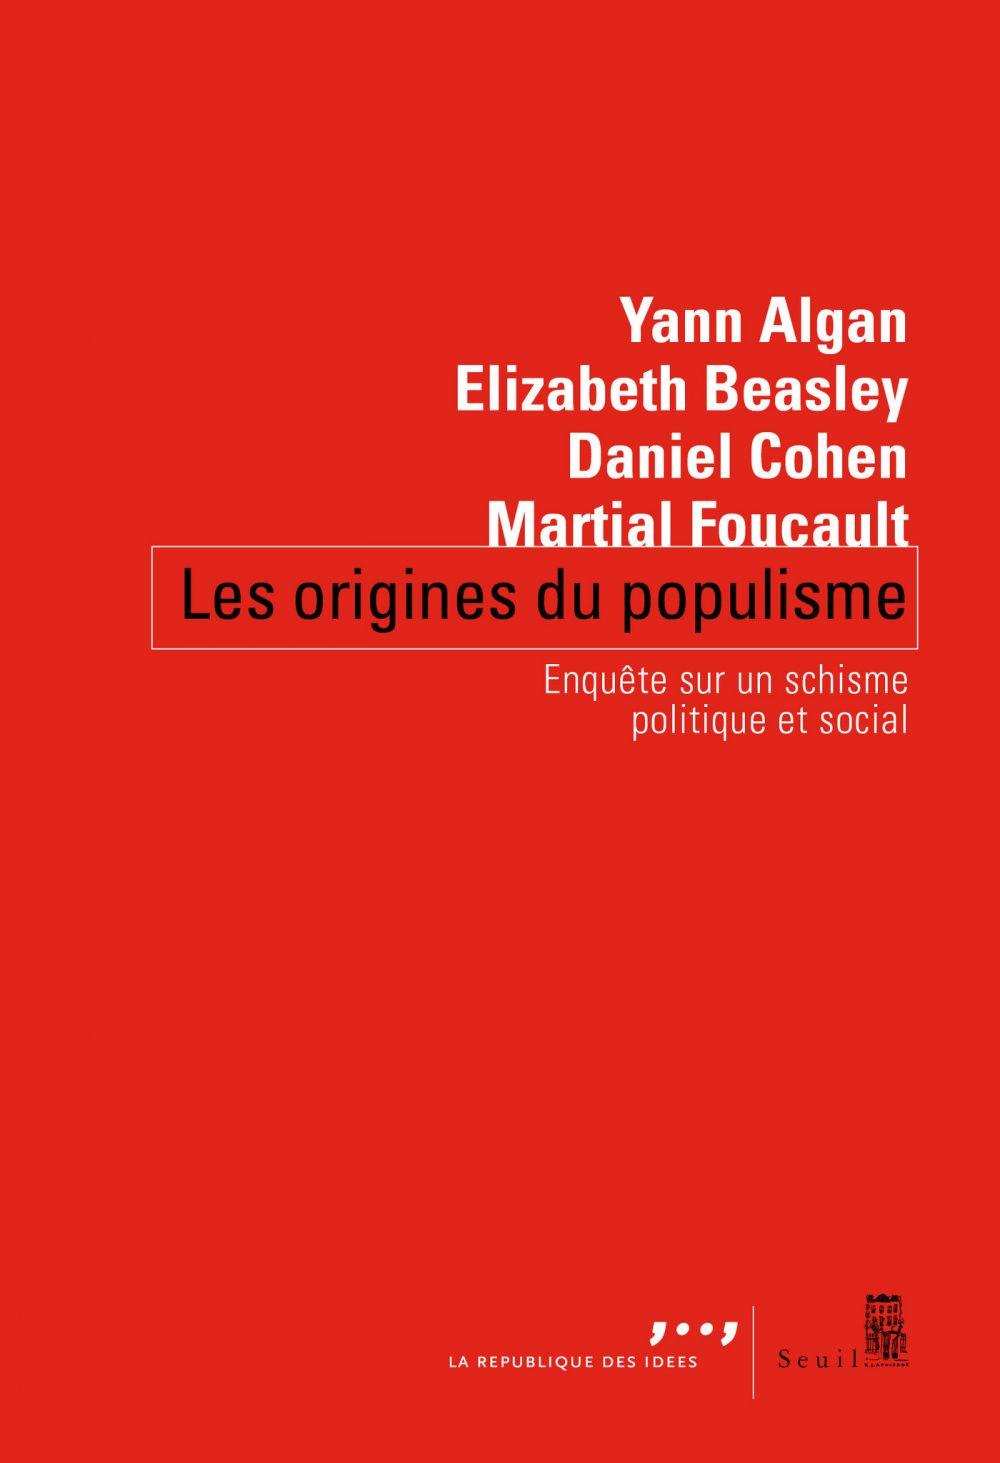 Les origines du populisme  